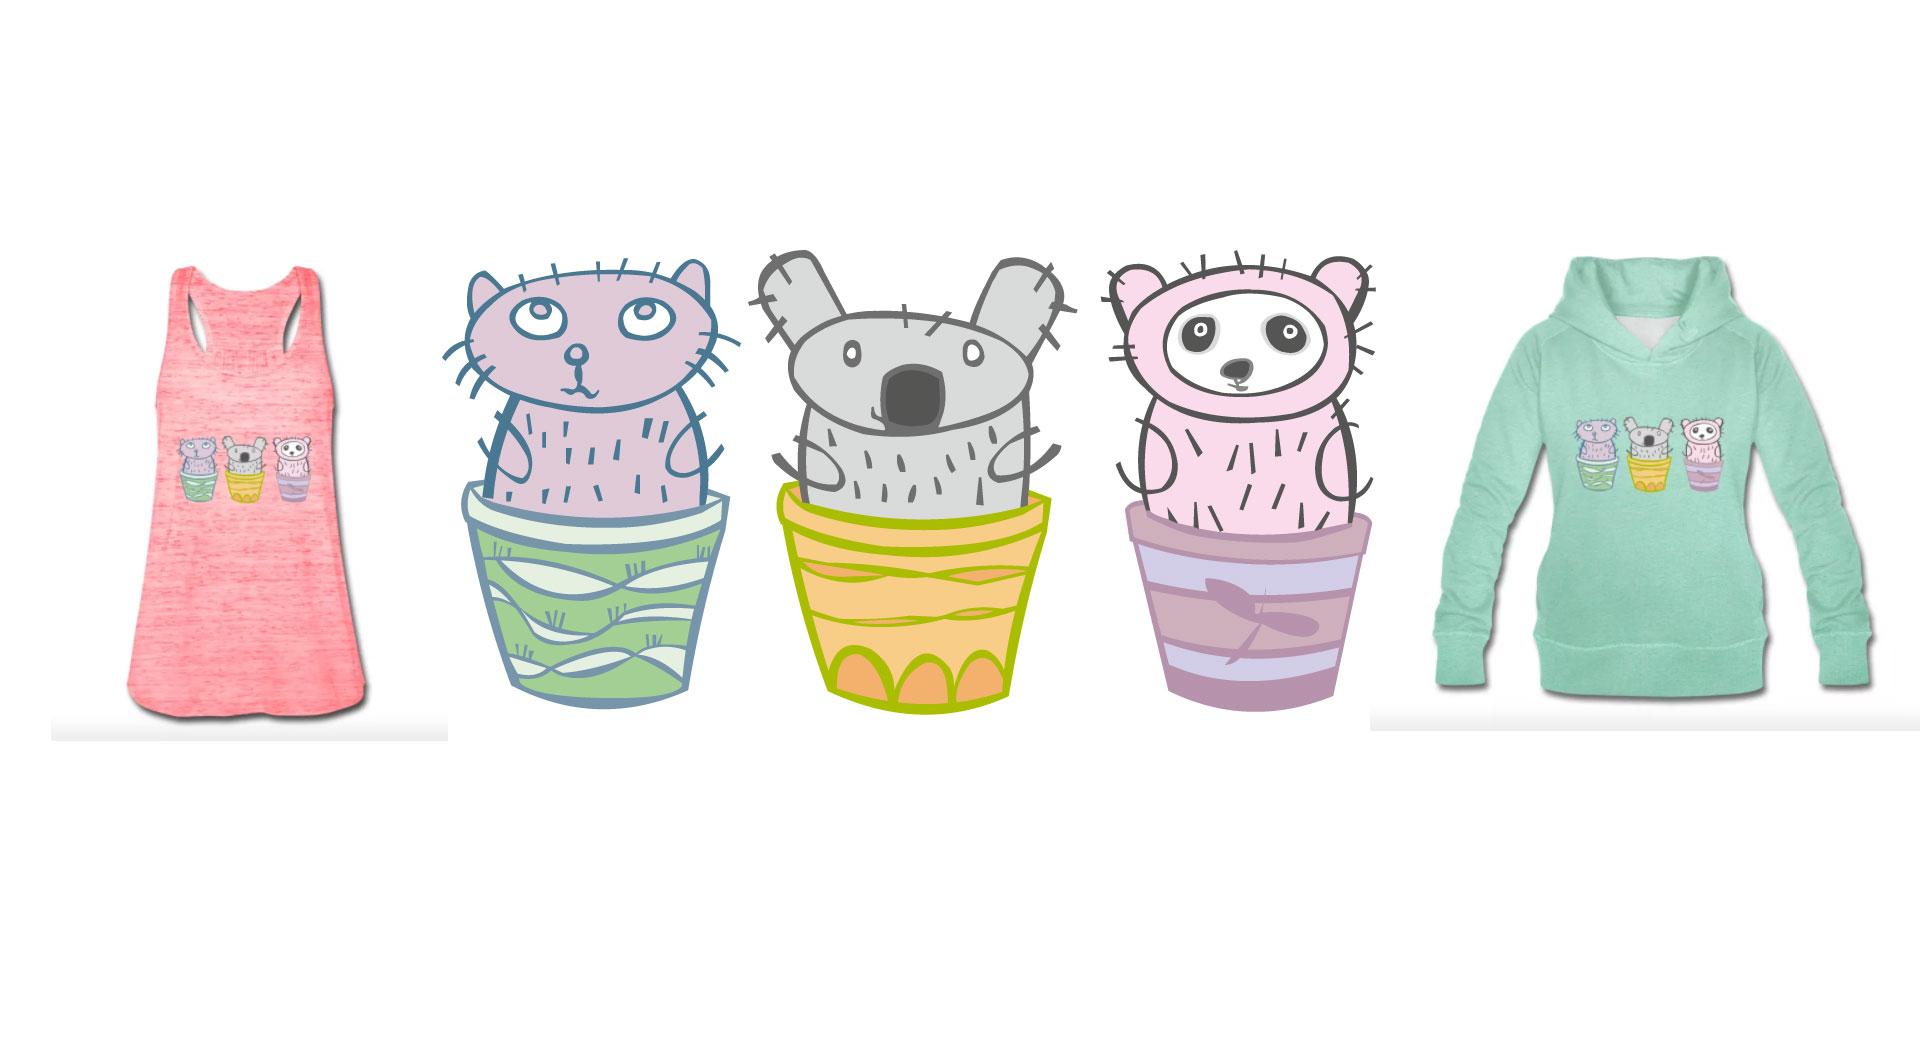 kleine Katze, kleiner Koala Bär und Baby Pandabär